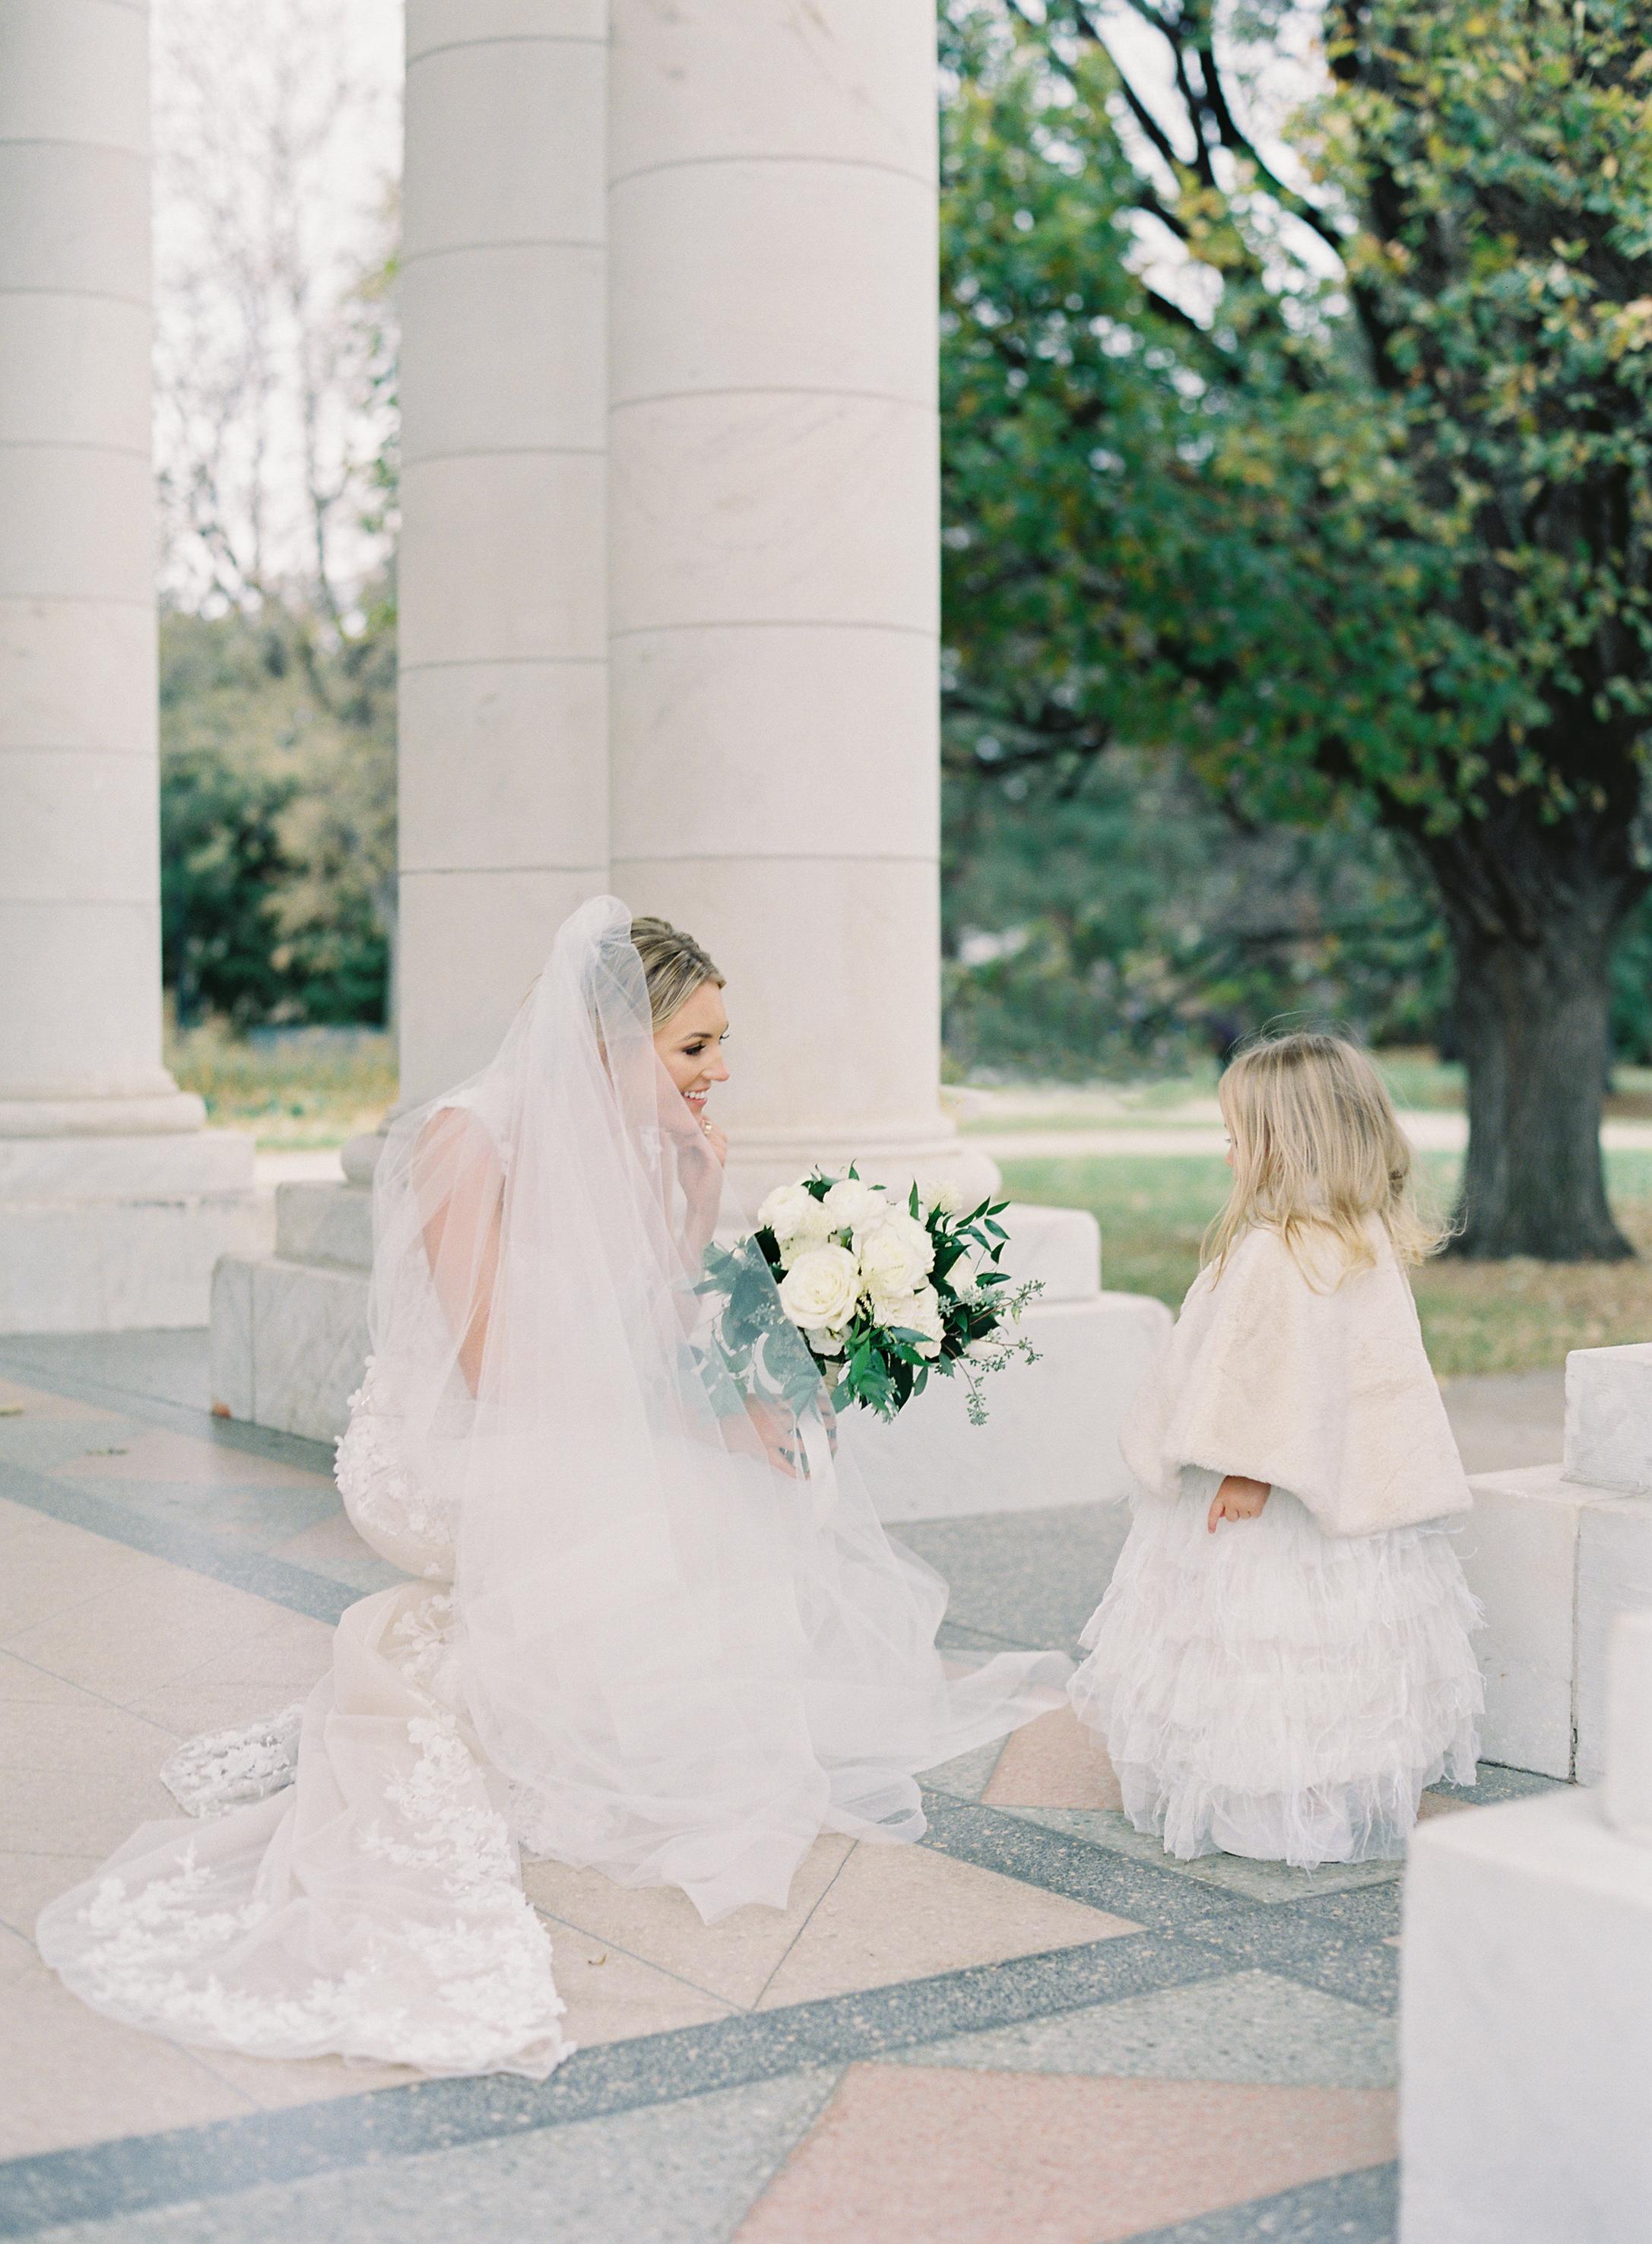 Sarah and John Wedding-Carrie King Photographer-20.jpg